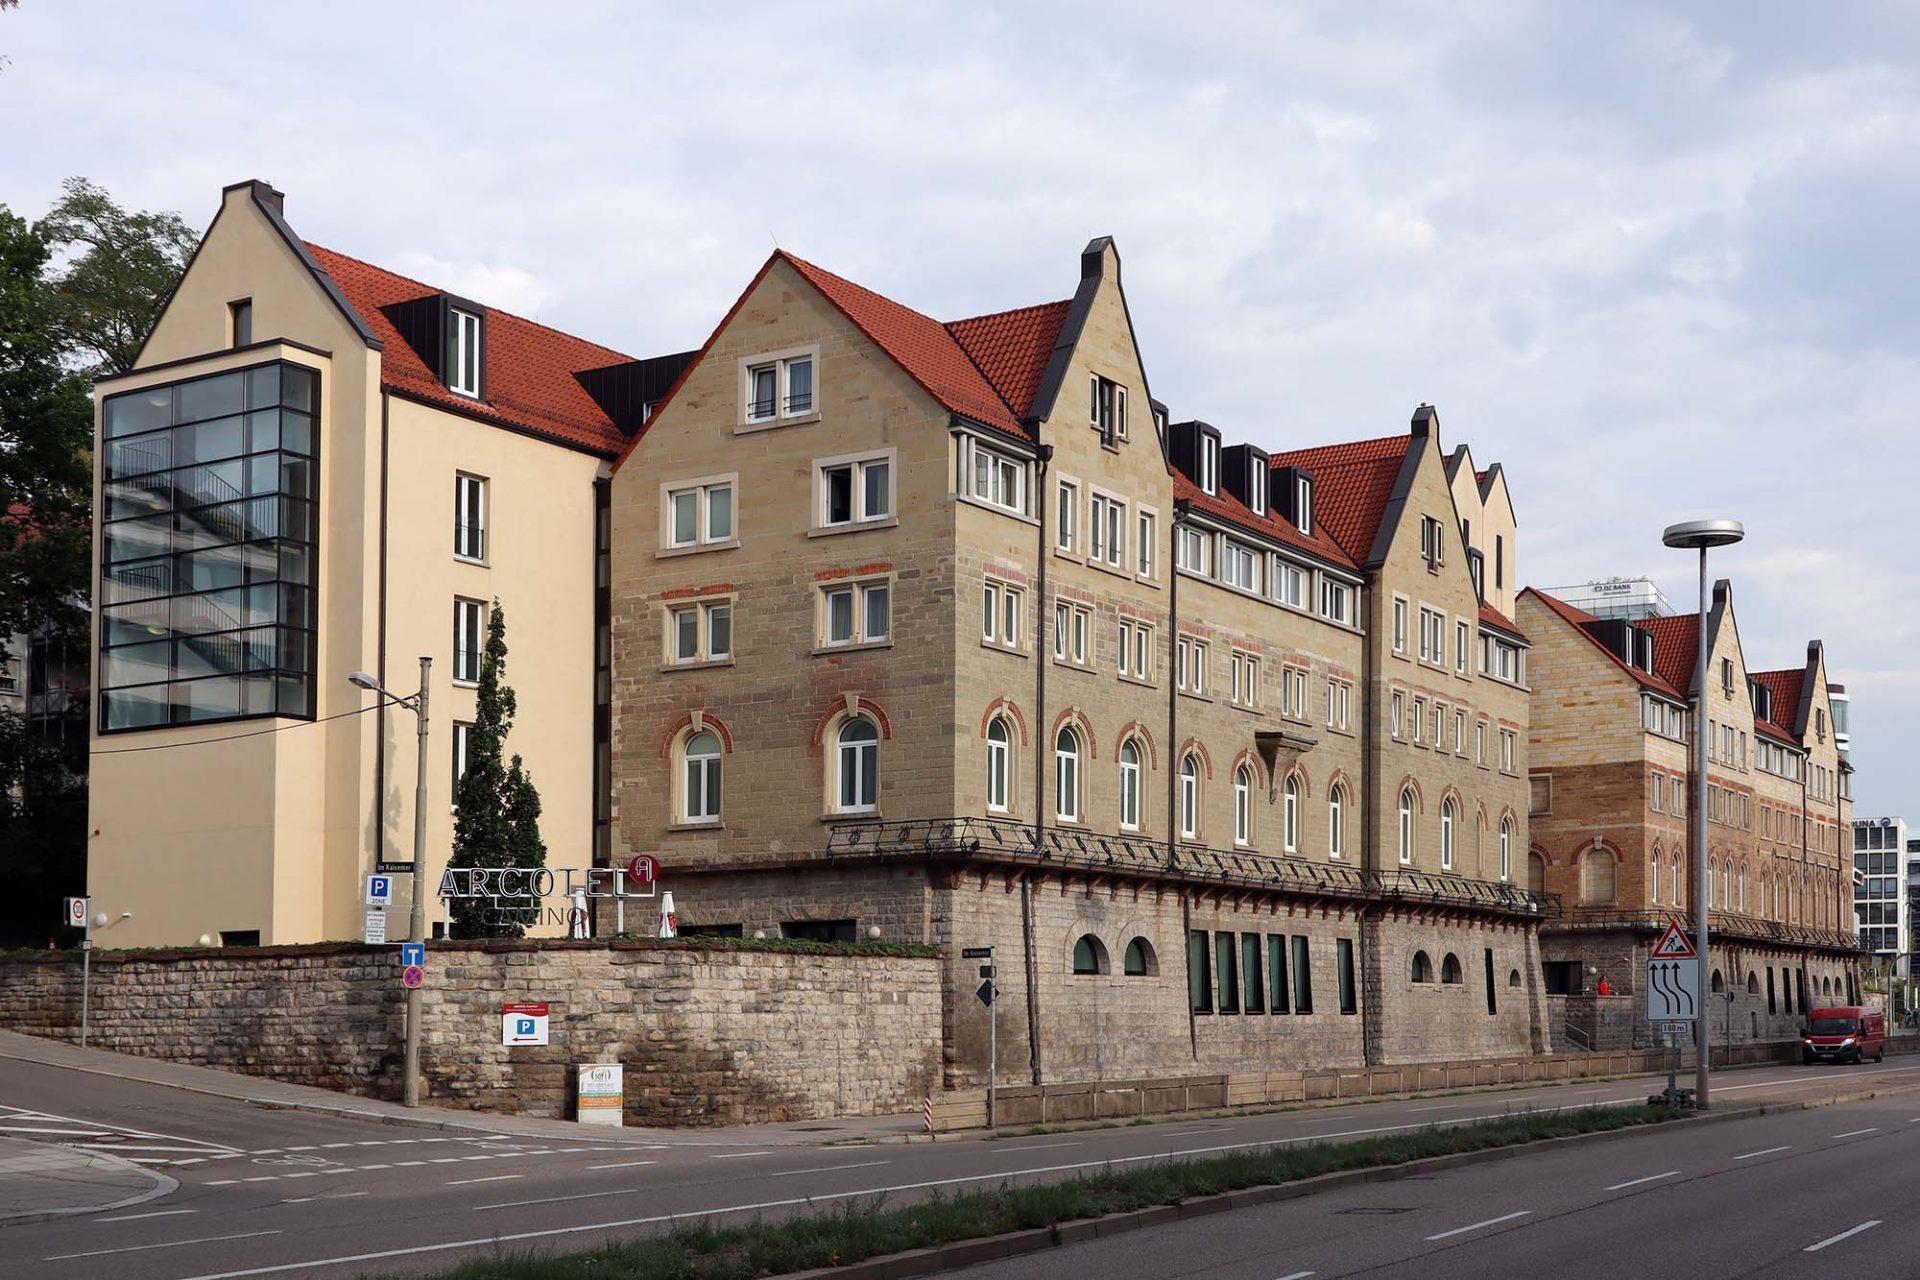 Arcotel Camino. Entwurf (Umbau): Harald Schreiber, Wien, und Christoph Mäckler Architekten aus Frankfurt. Fertigstellung: 2008. Das ehemalige Wasch- und Badehaus (1890) steht im Postdörfle. Hier entstand die erste Werkssiedlung Stuttgarts.